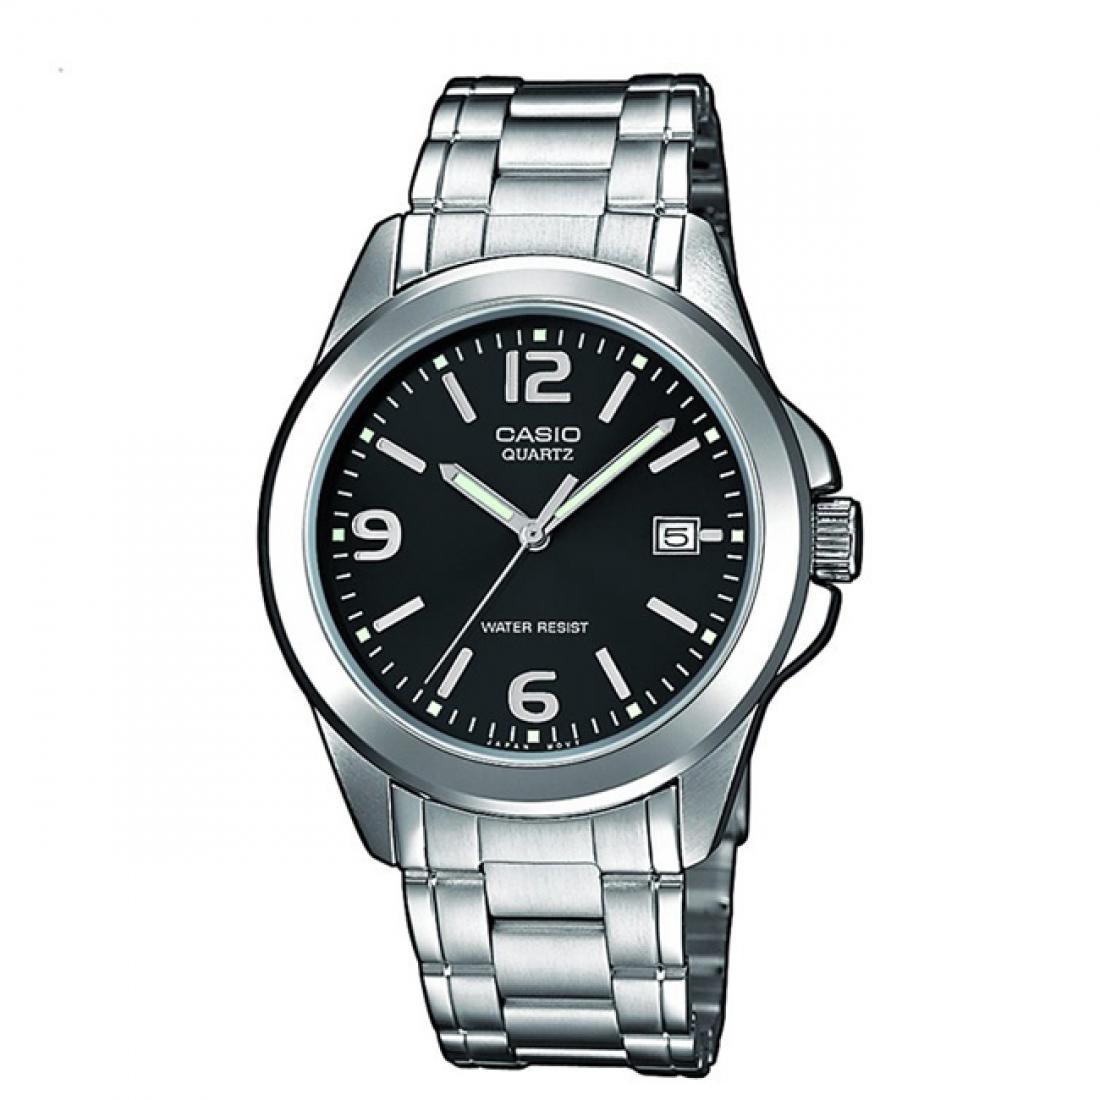 d8eeb53c Интернет-магазин наручных часов Casio с бесплатной доставкой и без  предоплаты